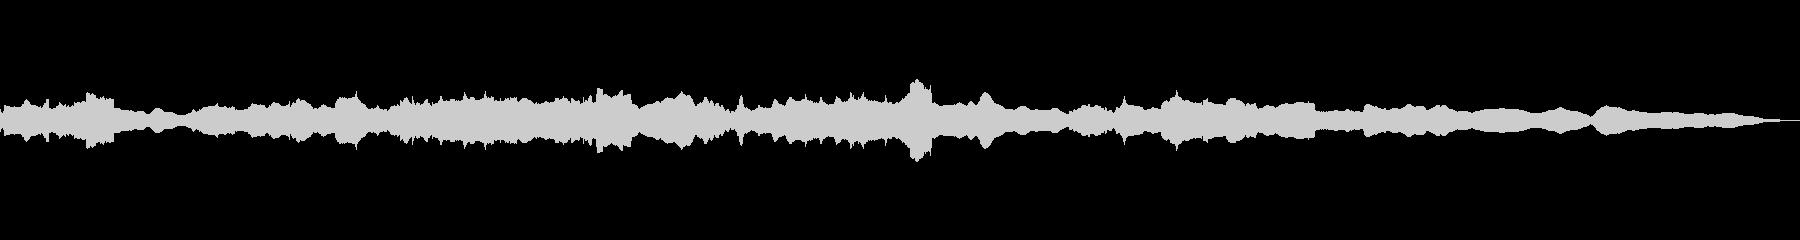 オーケストレーション:ミステリー、...の未再生の波形